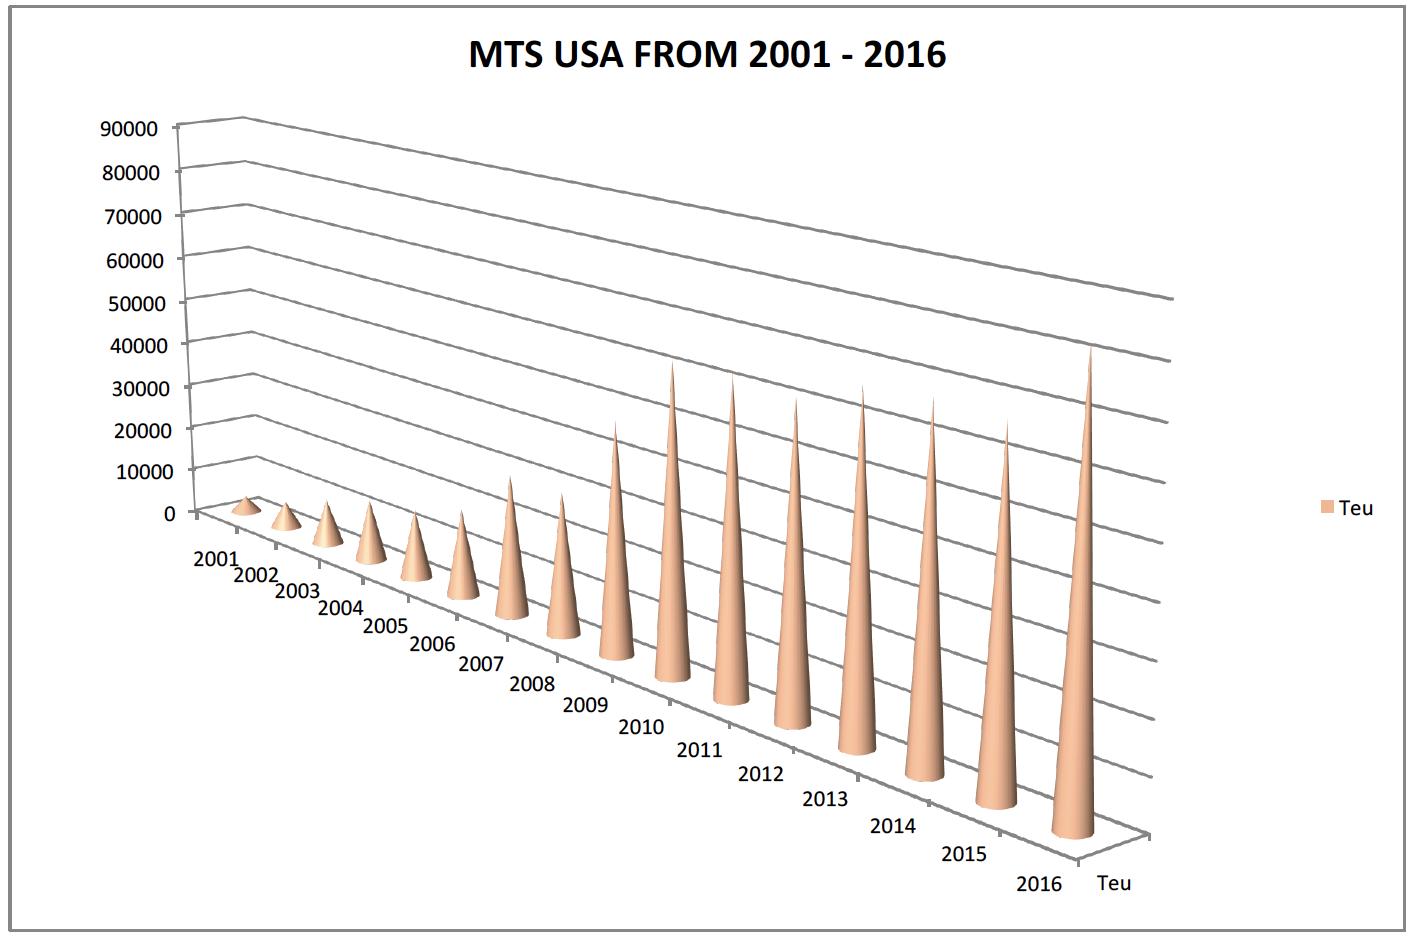 mts-usa-2016